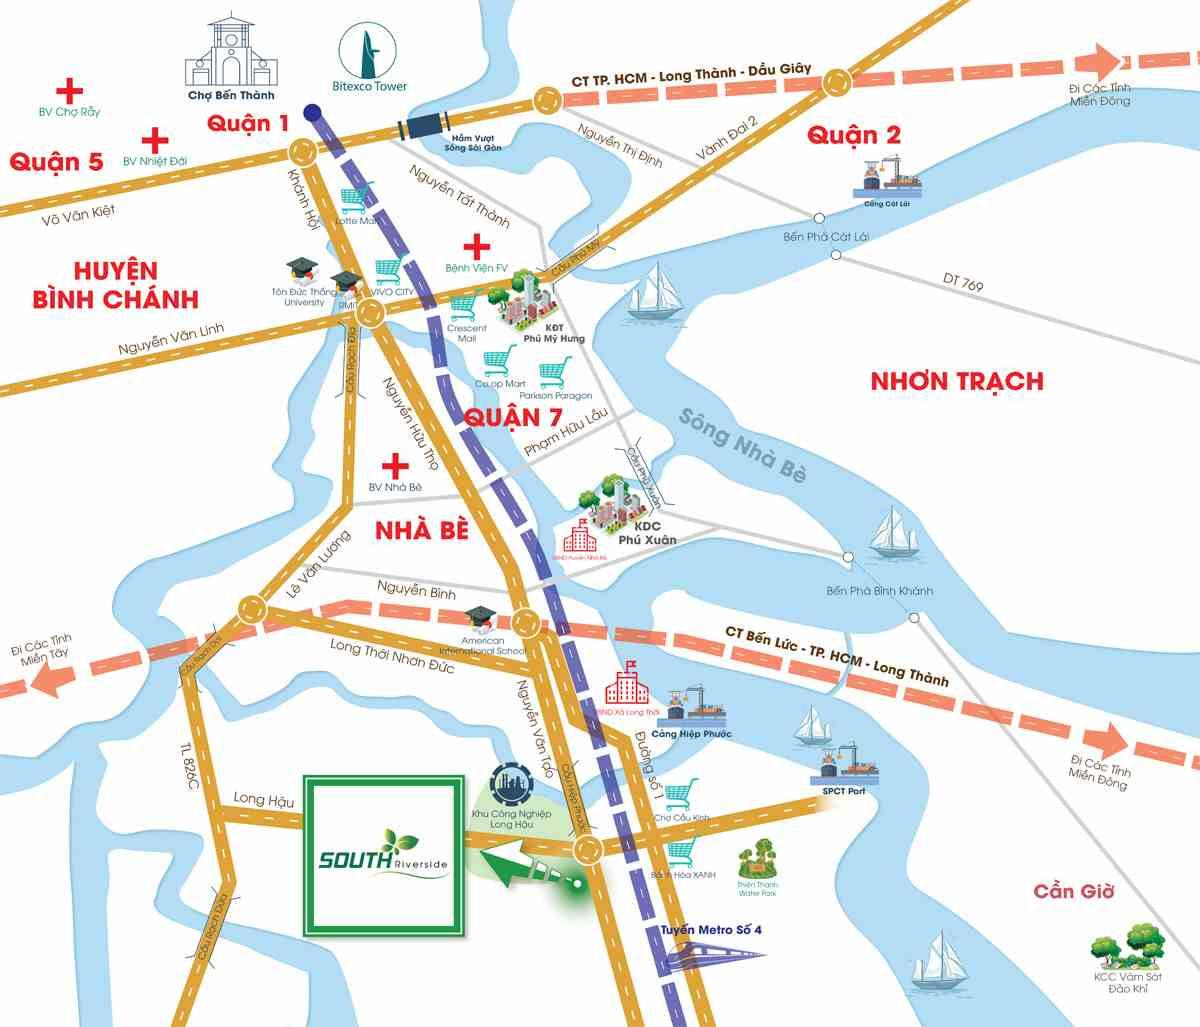 Vị trí Dự án đất nền khu dân cư South Riverside Nhà Bè Quận 7